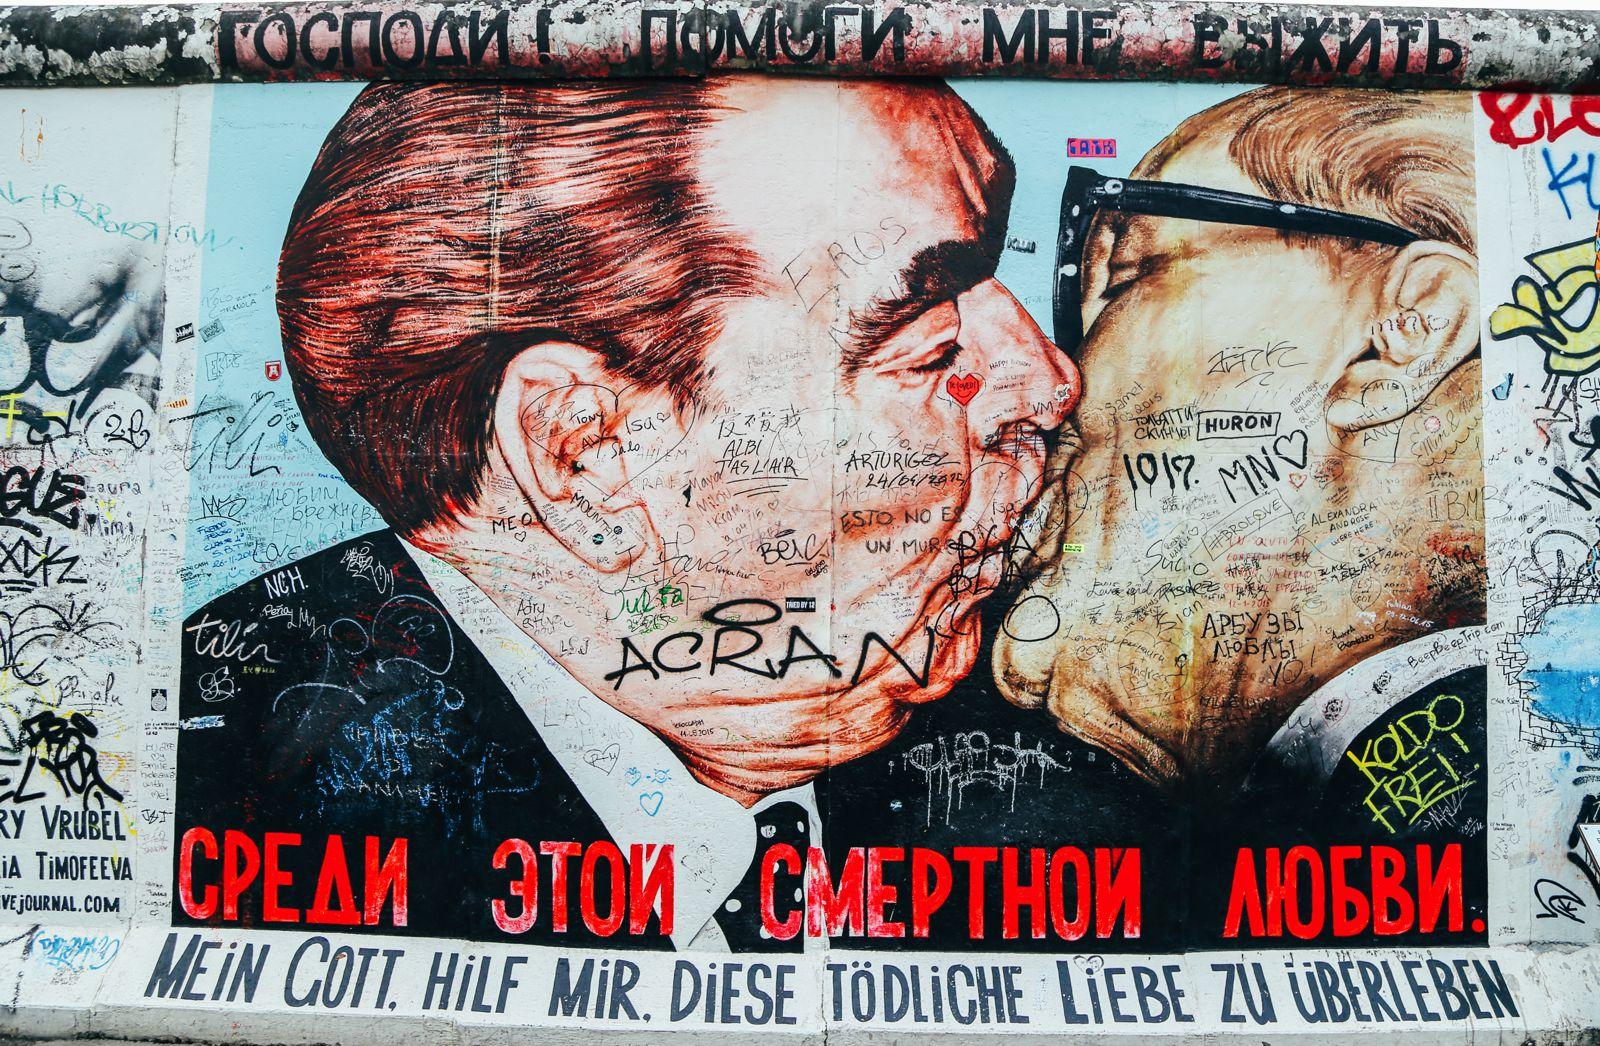 East Side Gallery, Berlin, Germany (13)